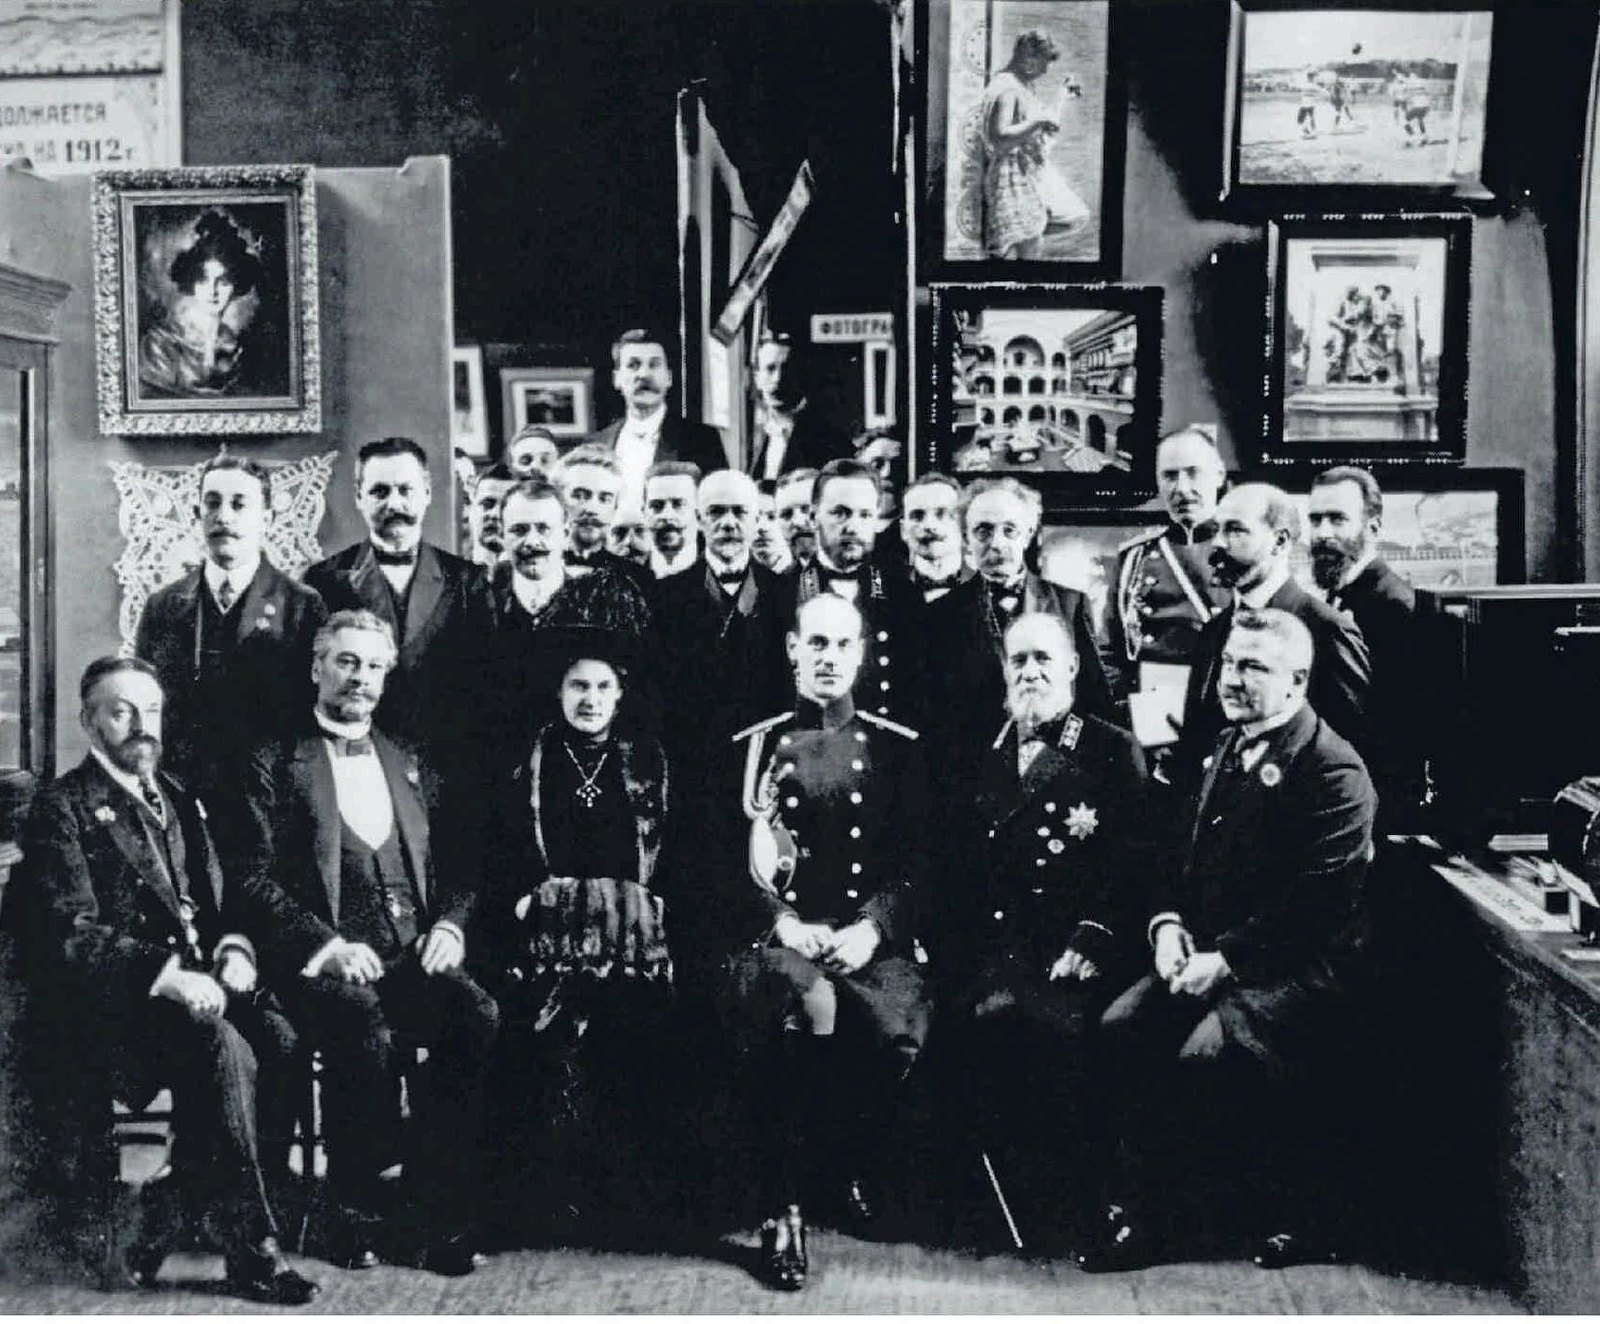 1912. Великий князь Михаил Александрович с участниками Второй фотографической выставки. 26 апреля